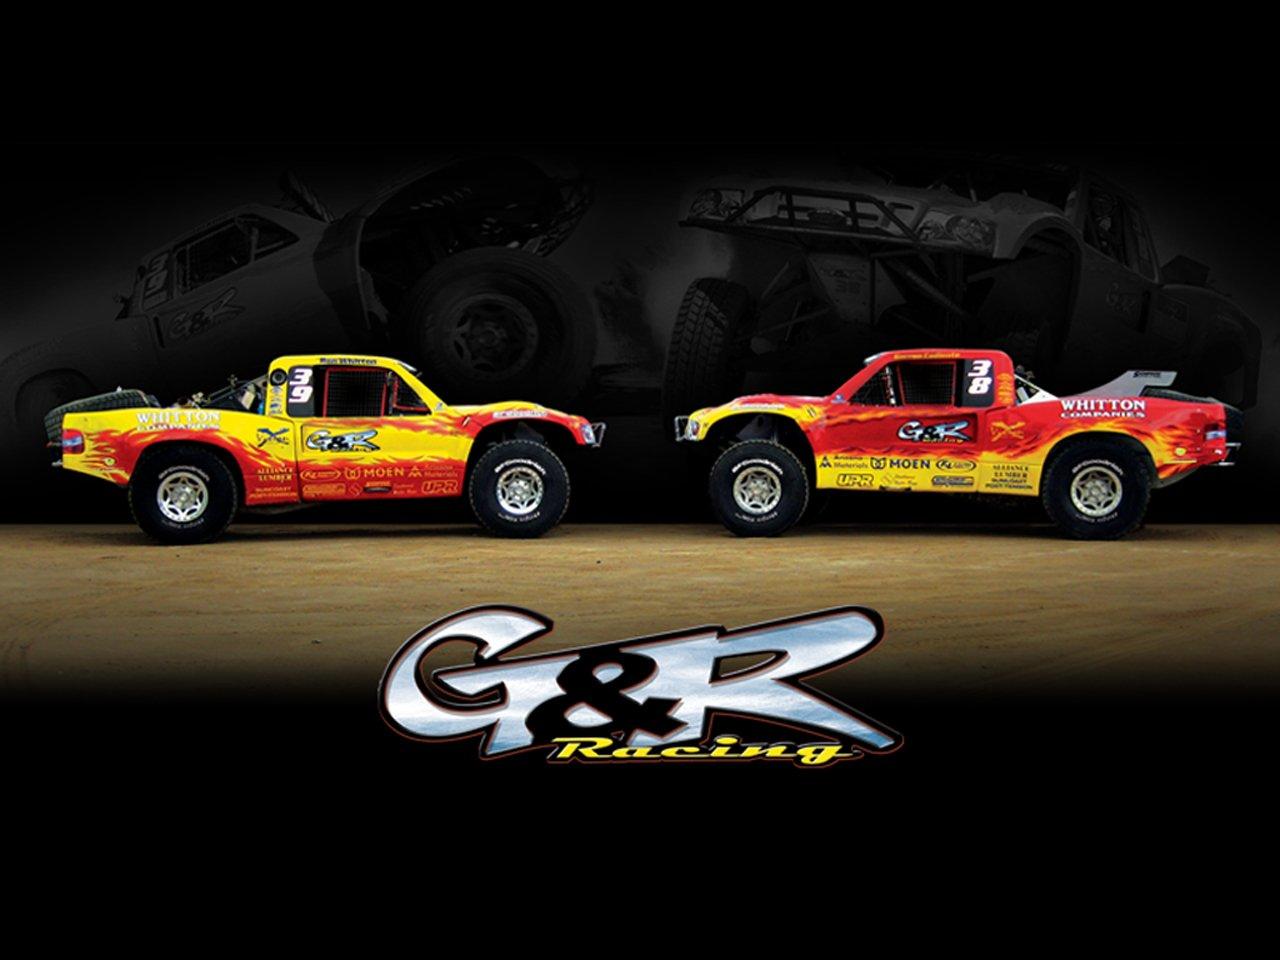 217775.gnr_two_trucks_1280.jpg